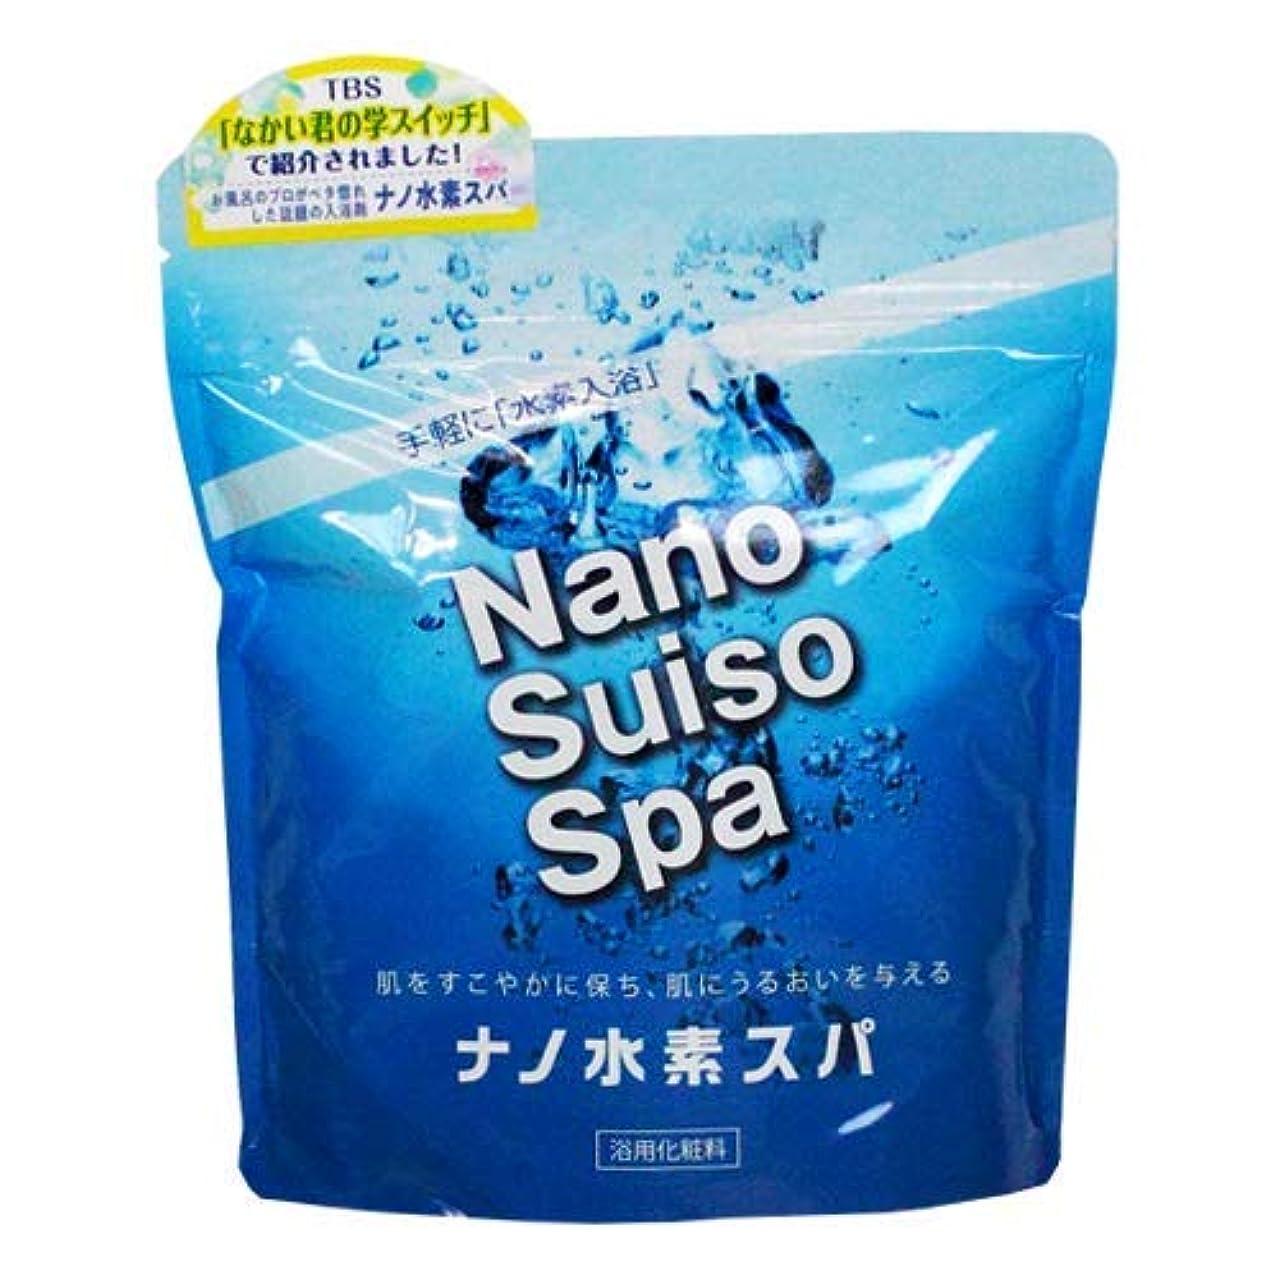 敗北アダルト規則性ナノ水素スパ1000g 高濃度水素発生入浴用